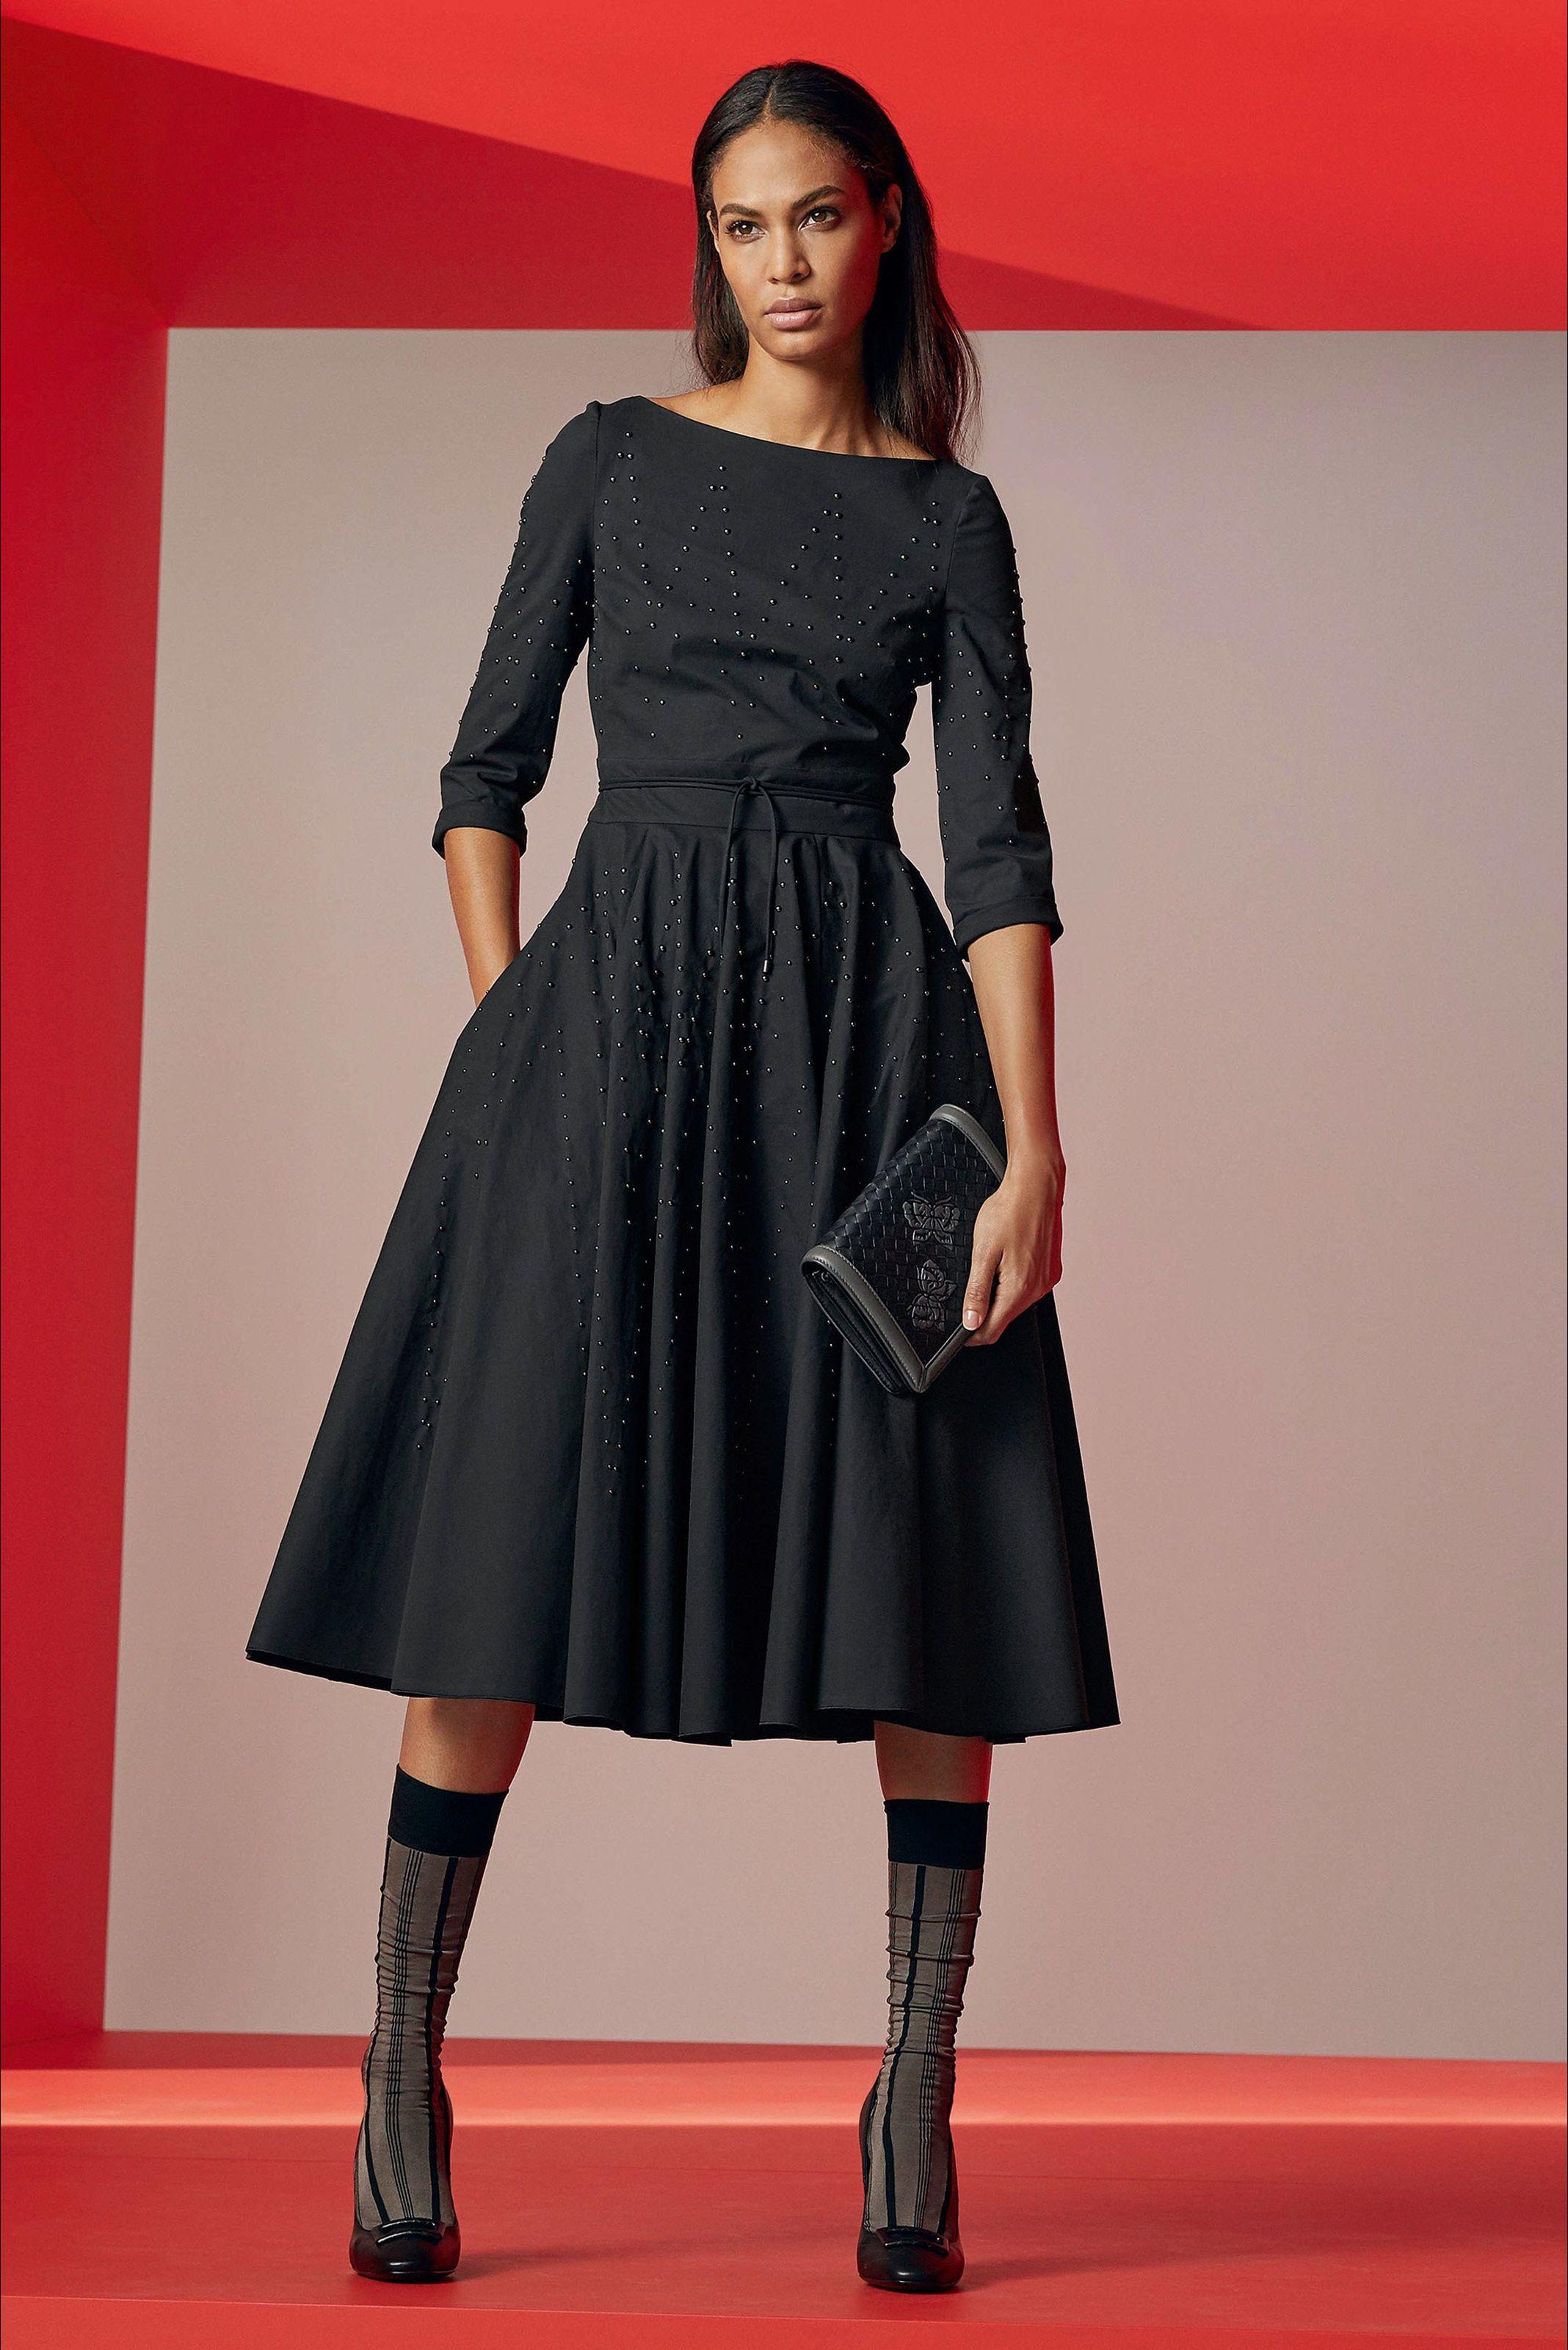 f84be88734cdcb Sfilata Bottega Veneta Milano - Pre-collezioni Primavera Estate 2018 - Vogue